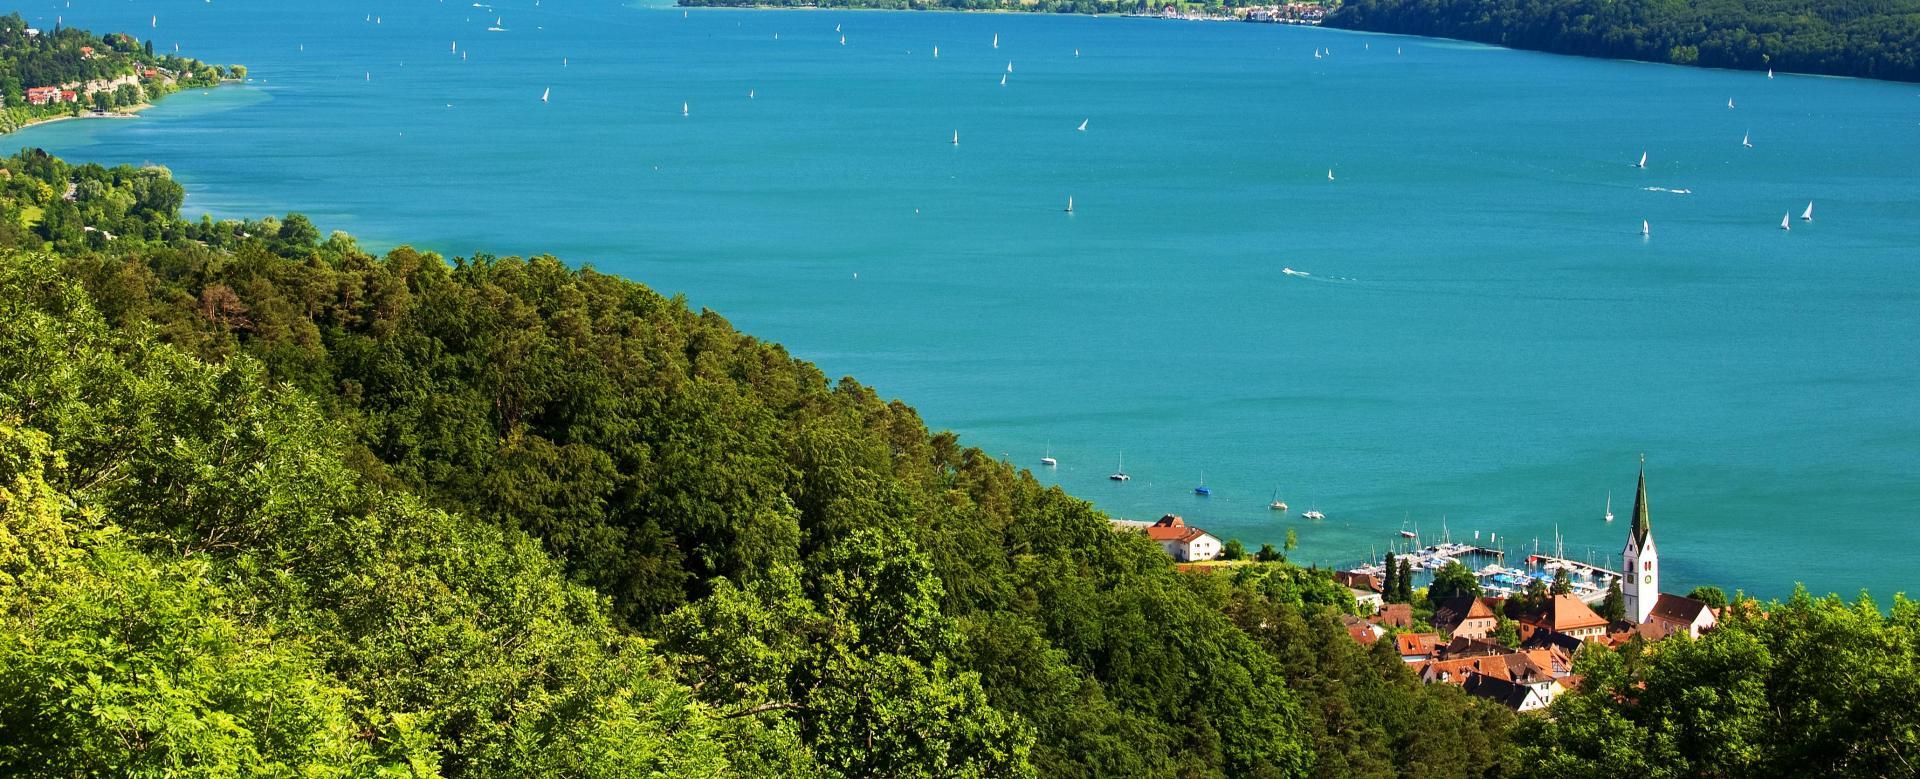 Voyage à pied : Le tour du lac de constance à vélo